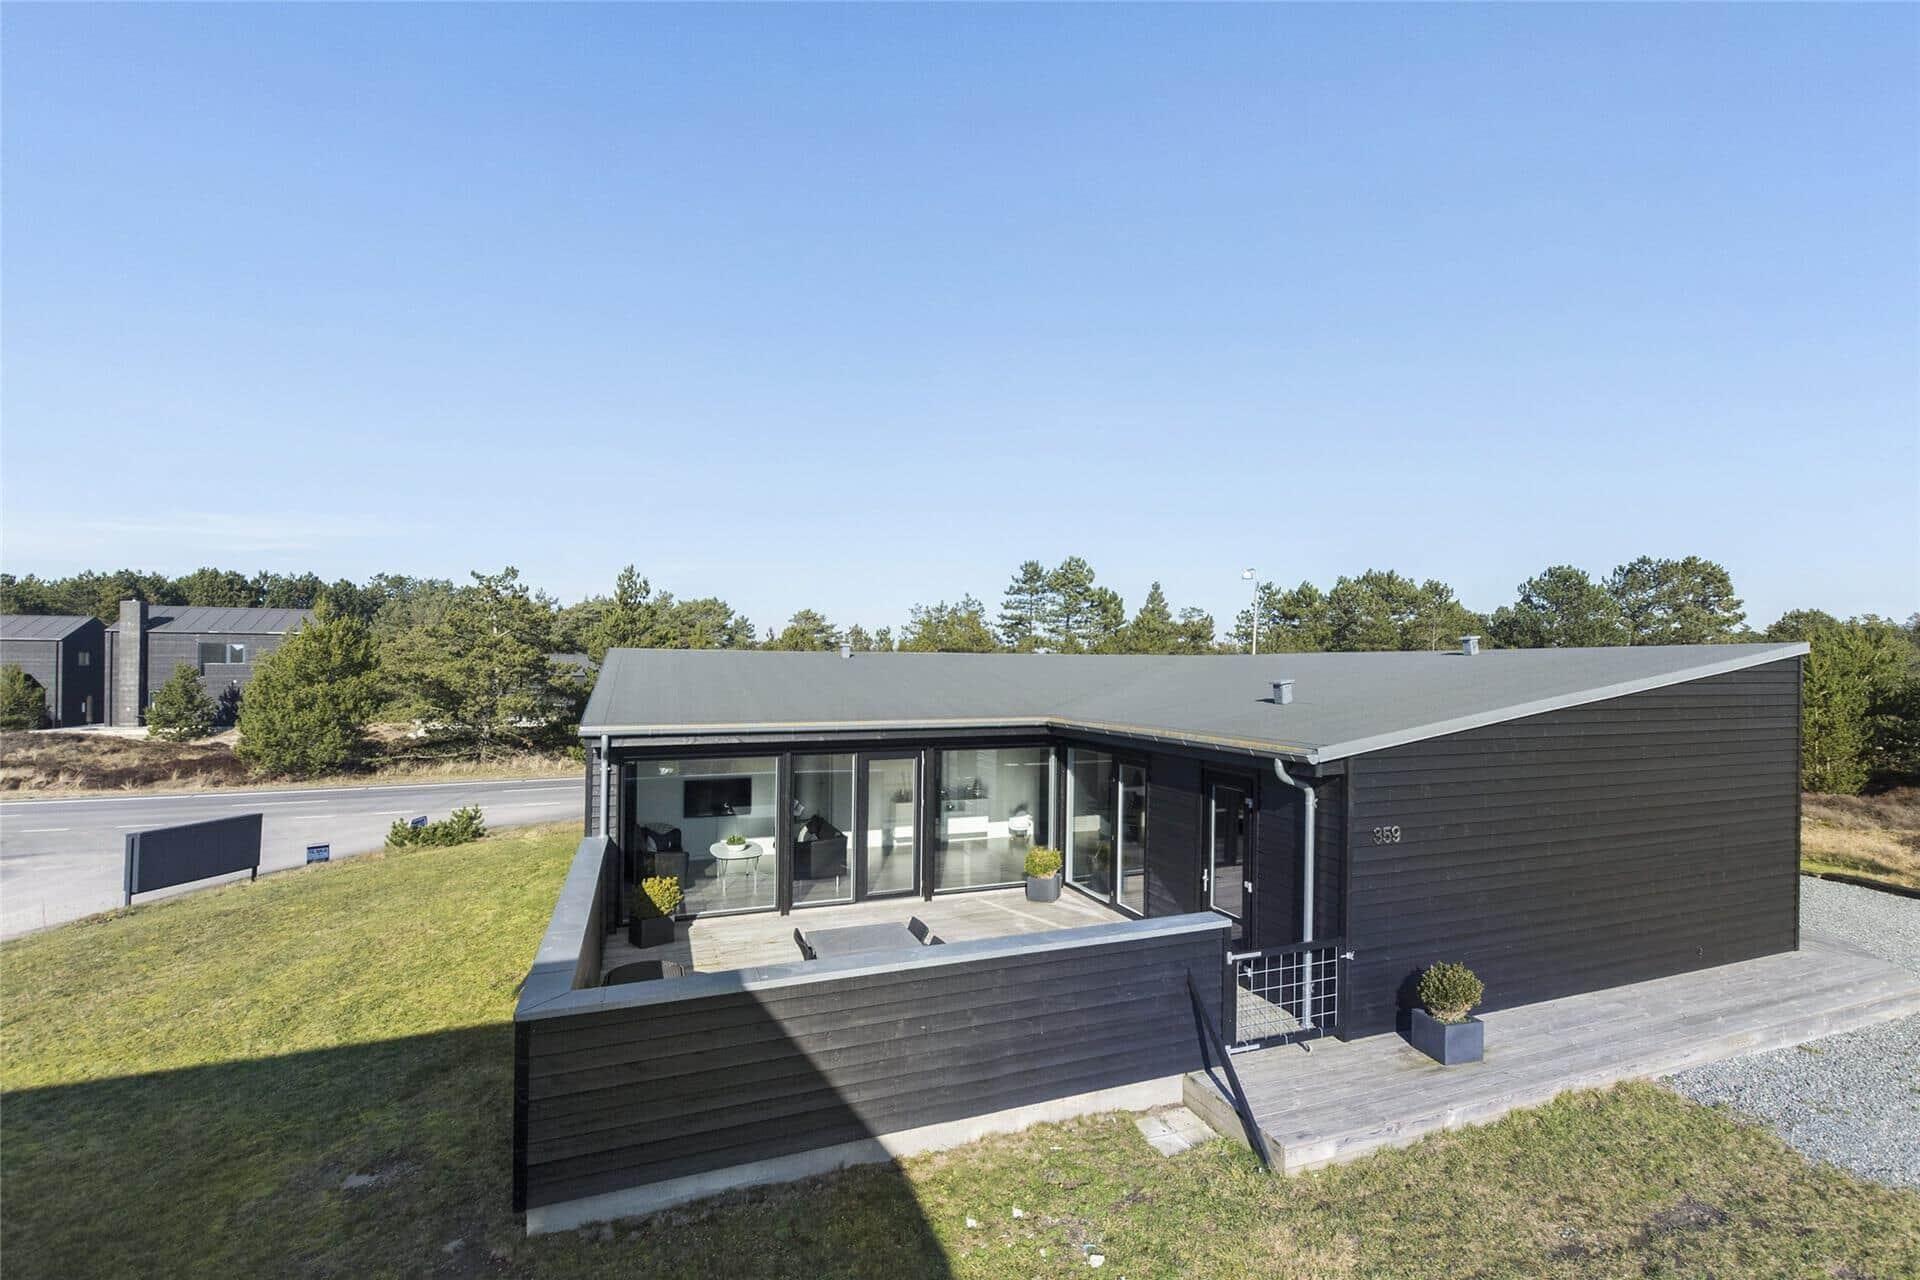 Billede 1-11 Sommerhus 0323, Vestergade 359, DK - 6792 Rømø